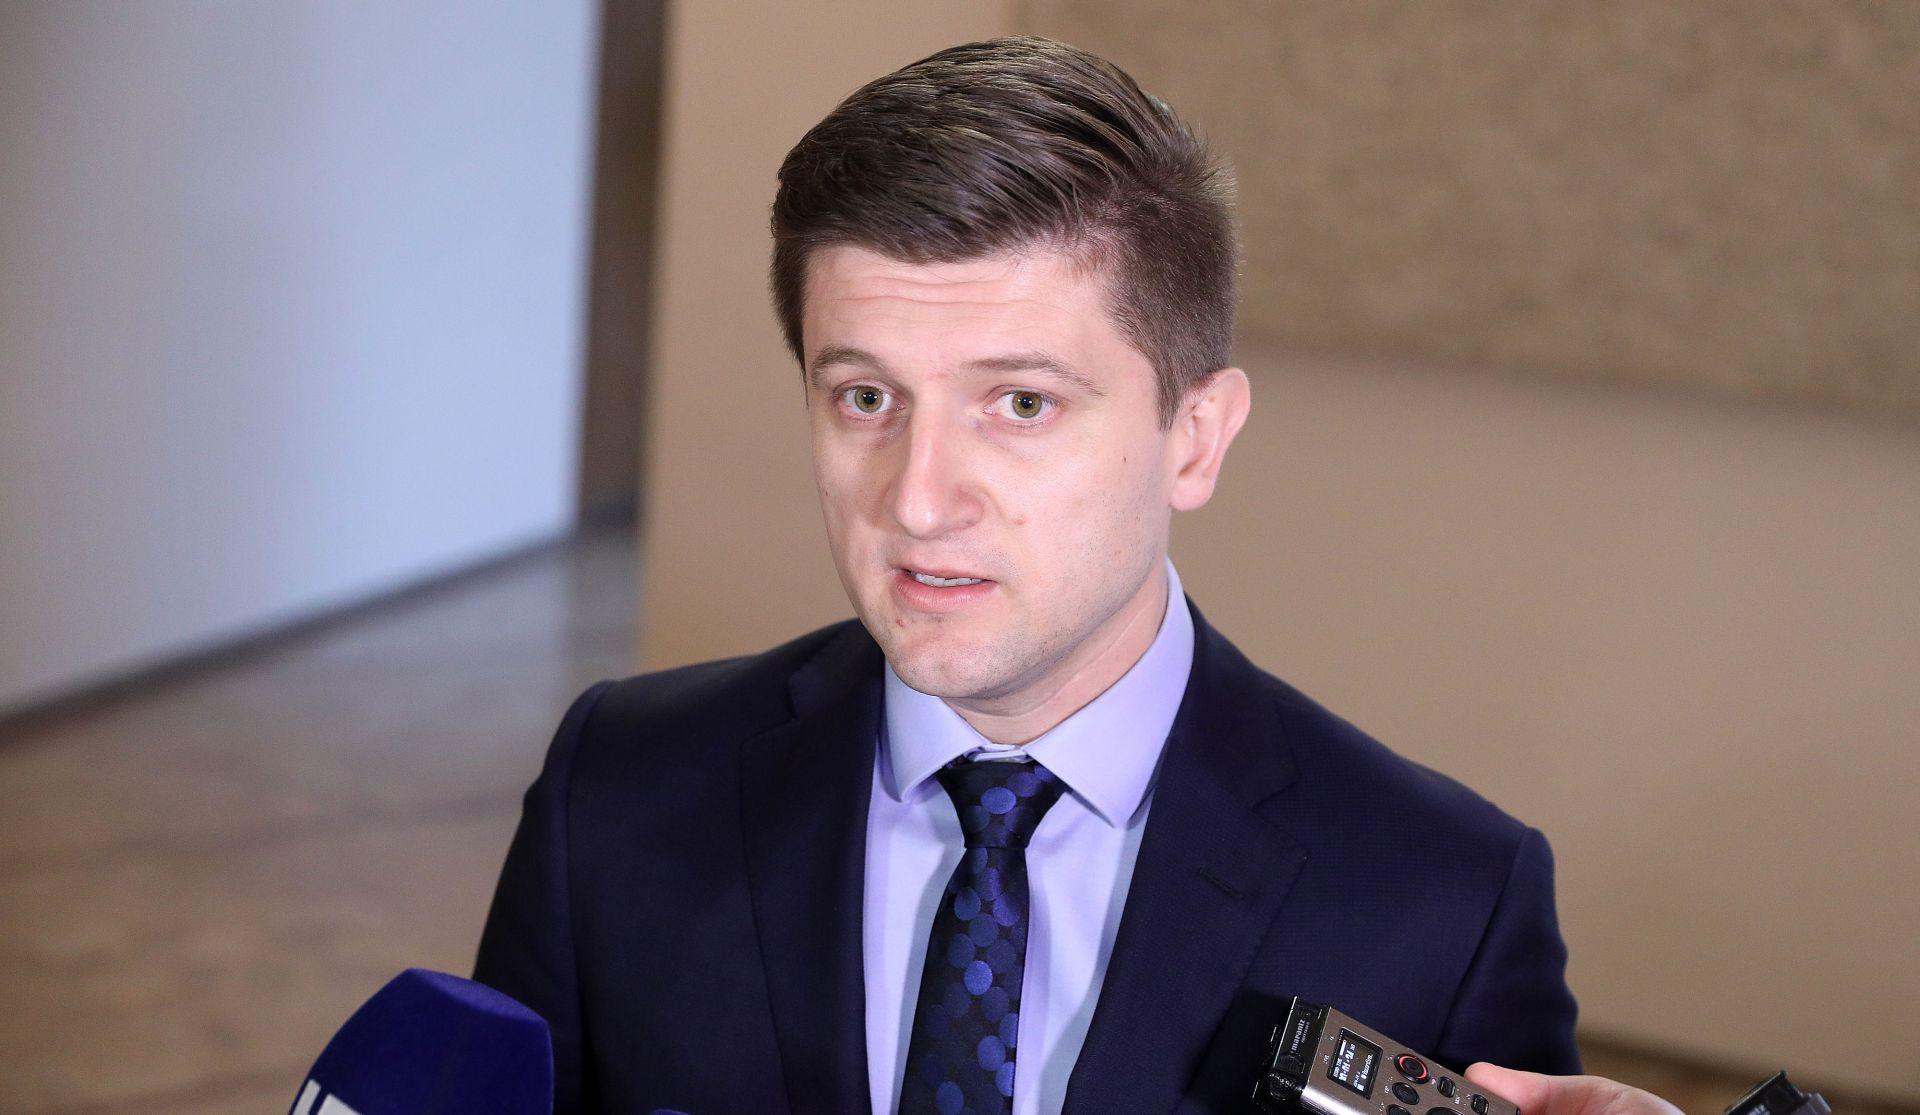 MARIĆ 'Optužili su me bez dokaza, ali valjda imam pravo na obranu'